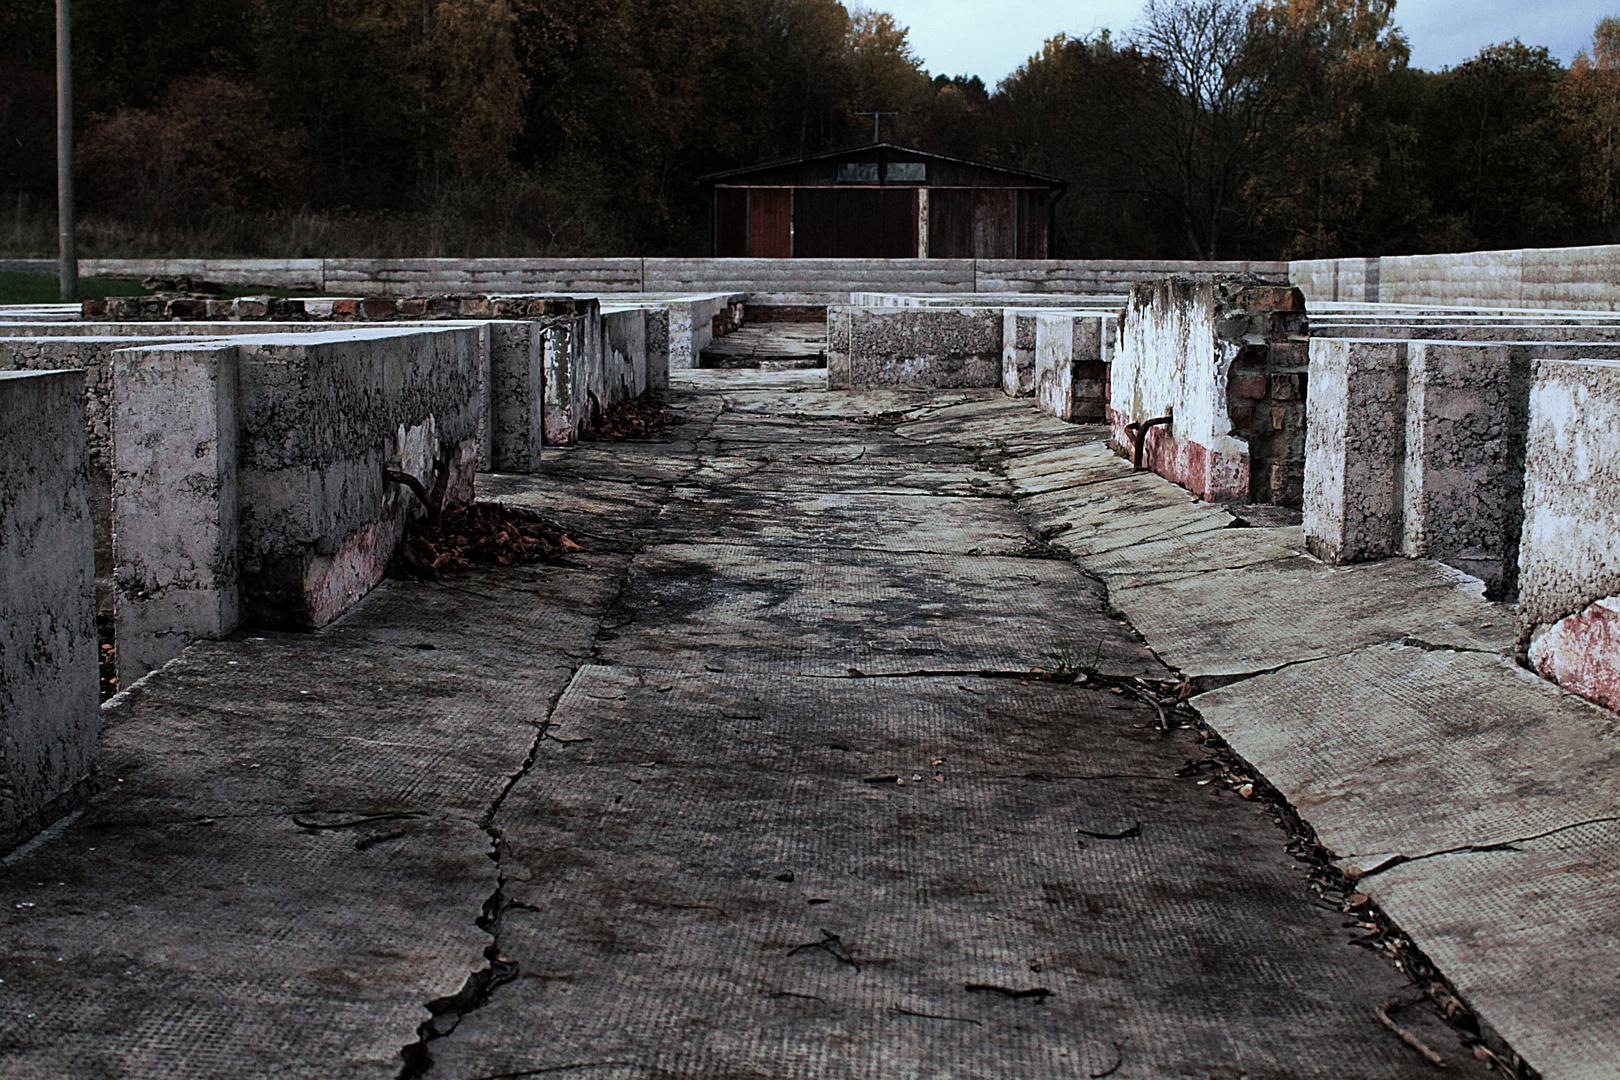 Bilderreihe Mittelbau-Dora: Der Gefängnistrakt